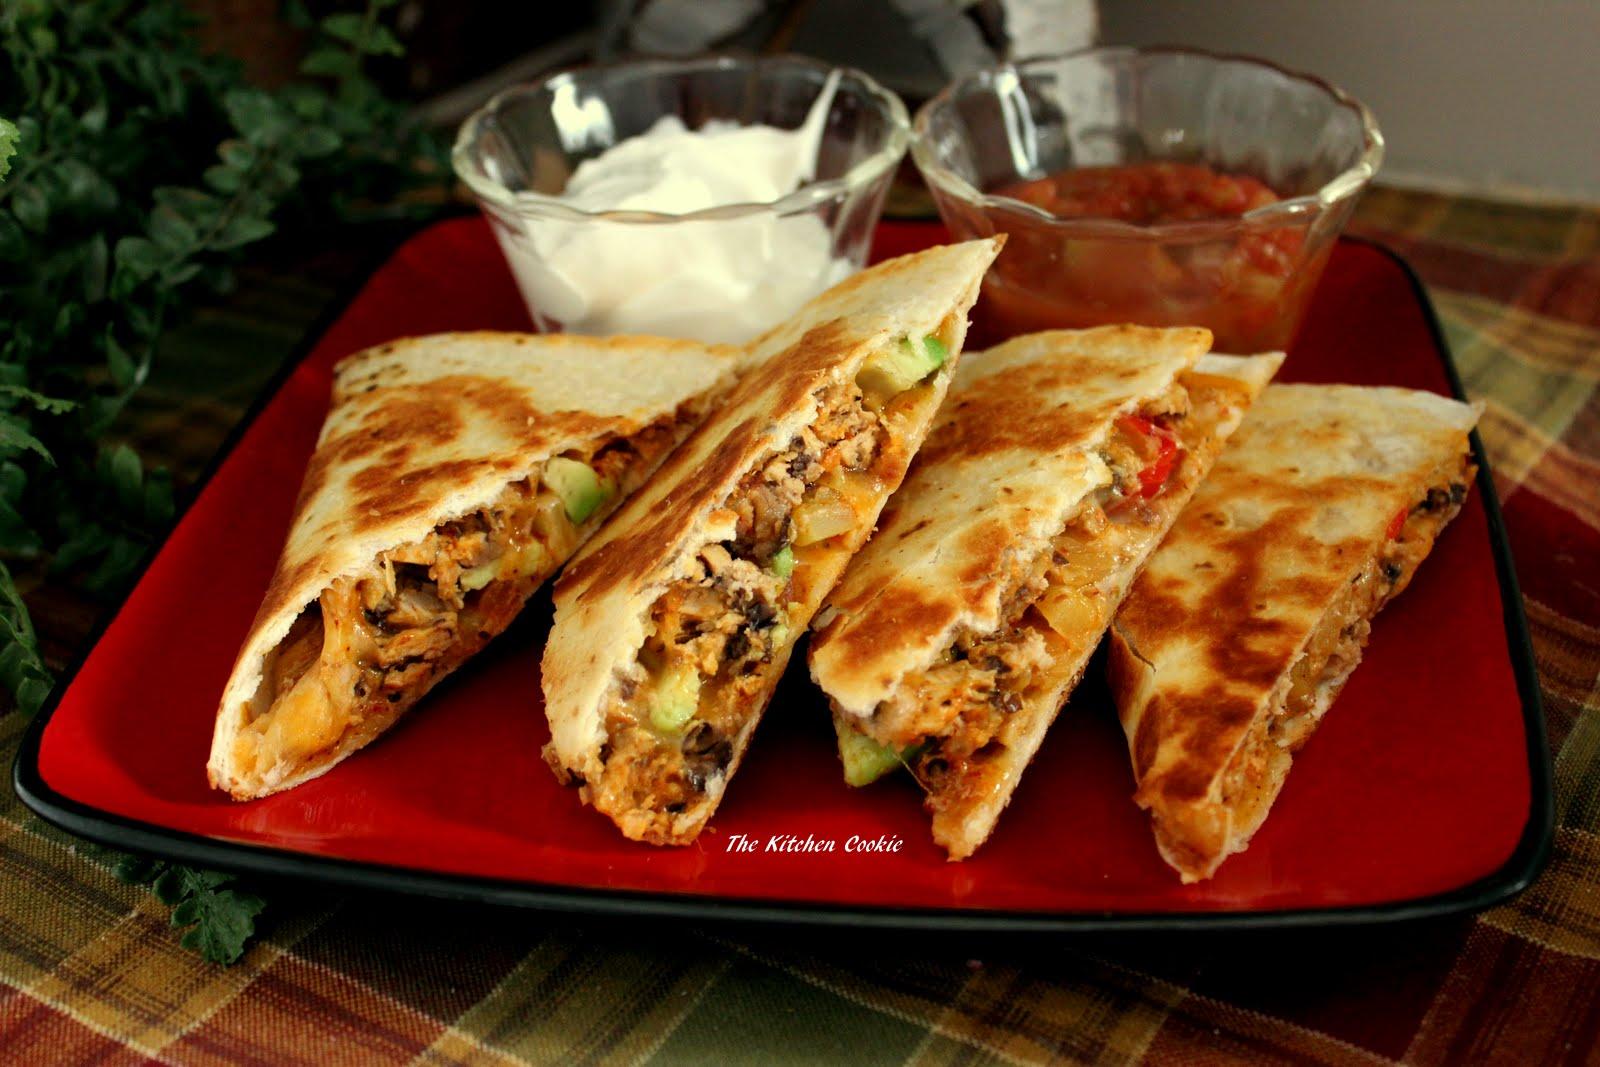 TheKitchenCookie: Spicy Chicken and Black Bean Quesadilla